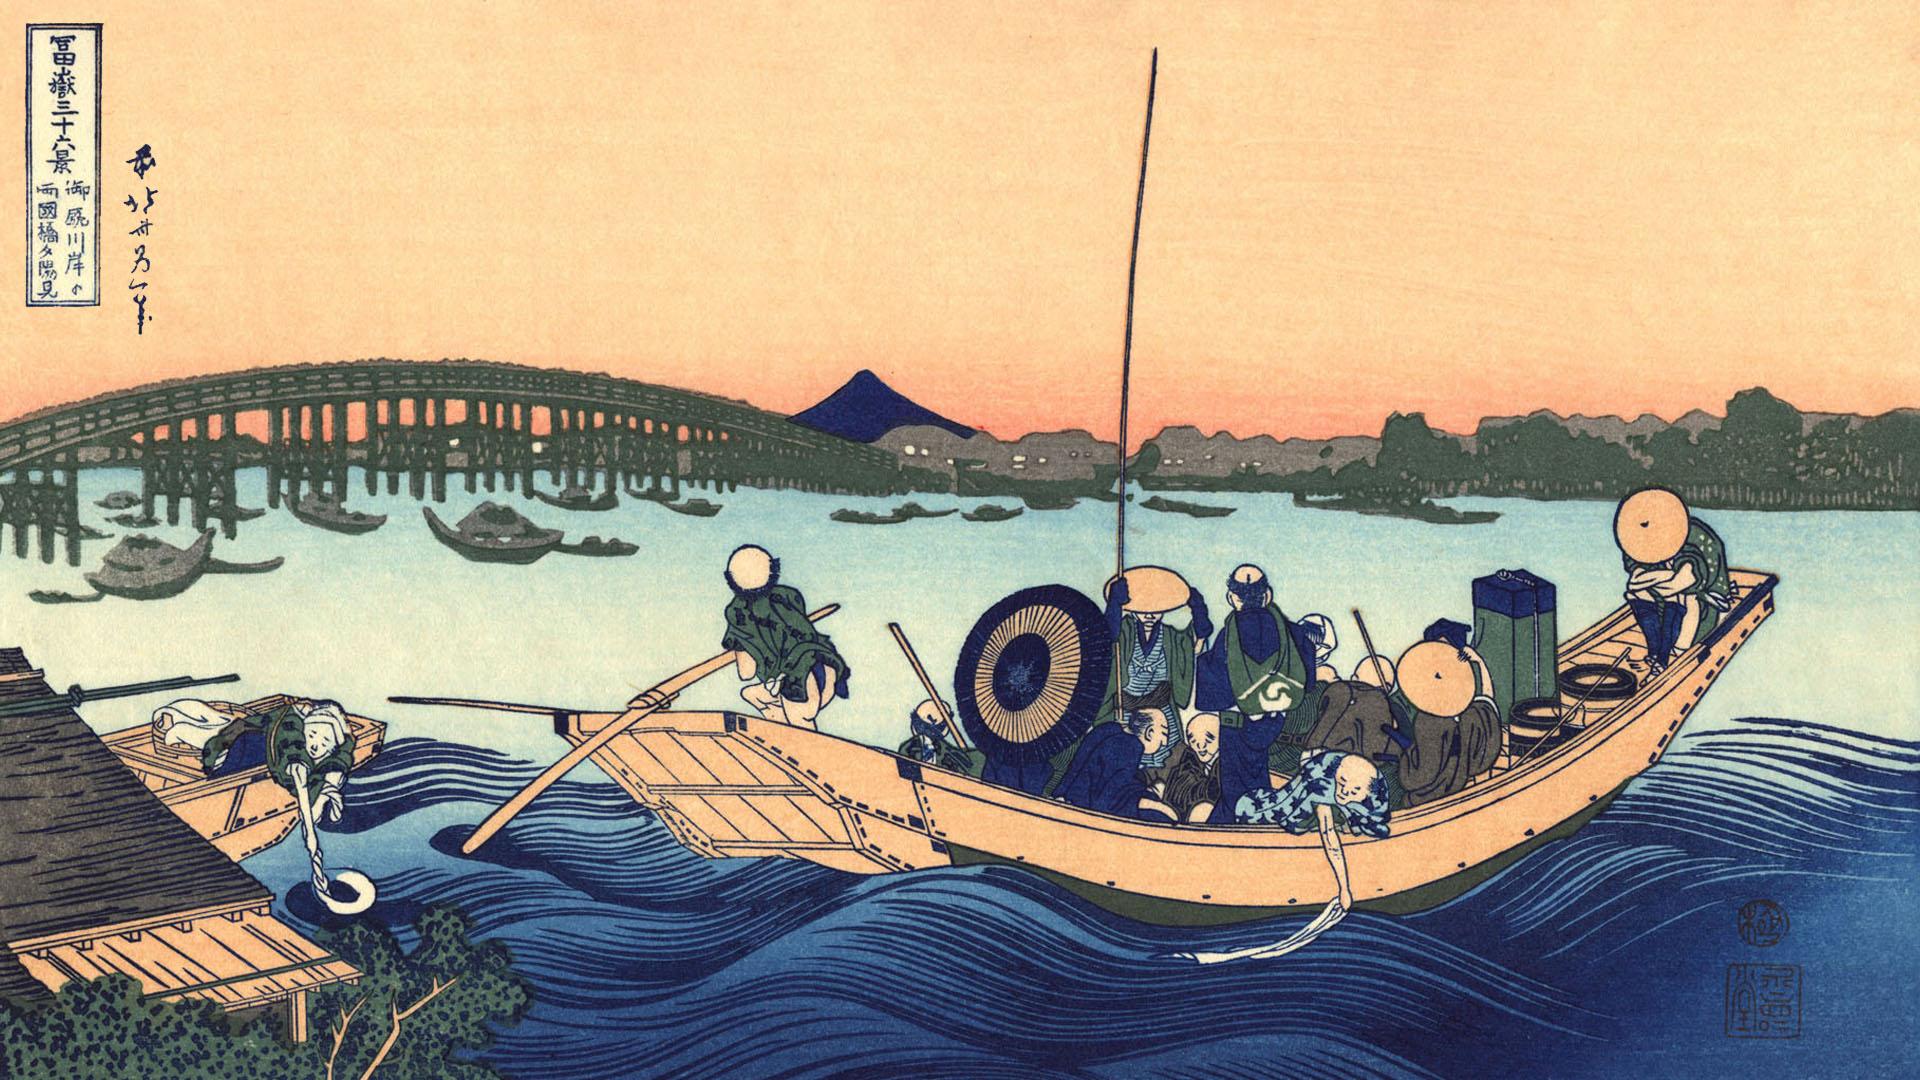 Katsushika Hokusai - Onmagashi yori ryogokubashi yuhi mi 1920x1080